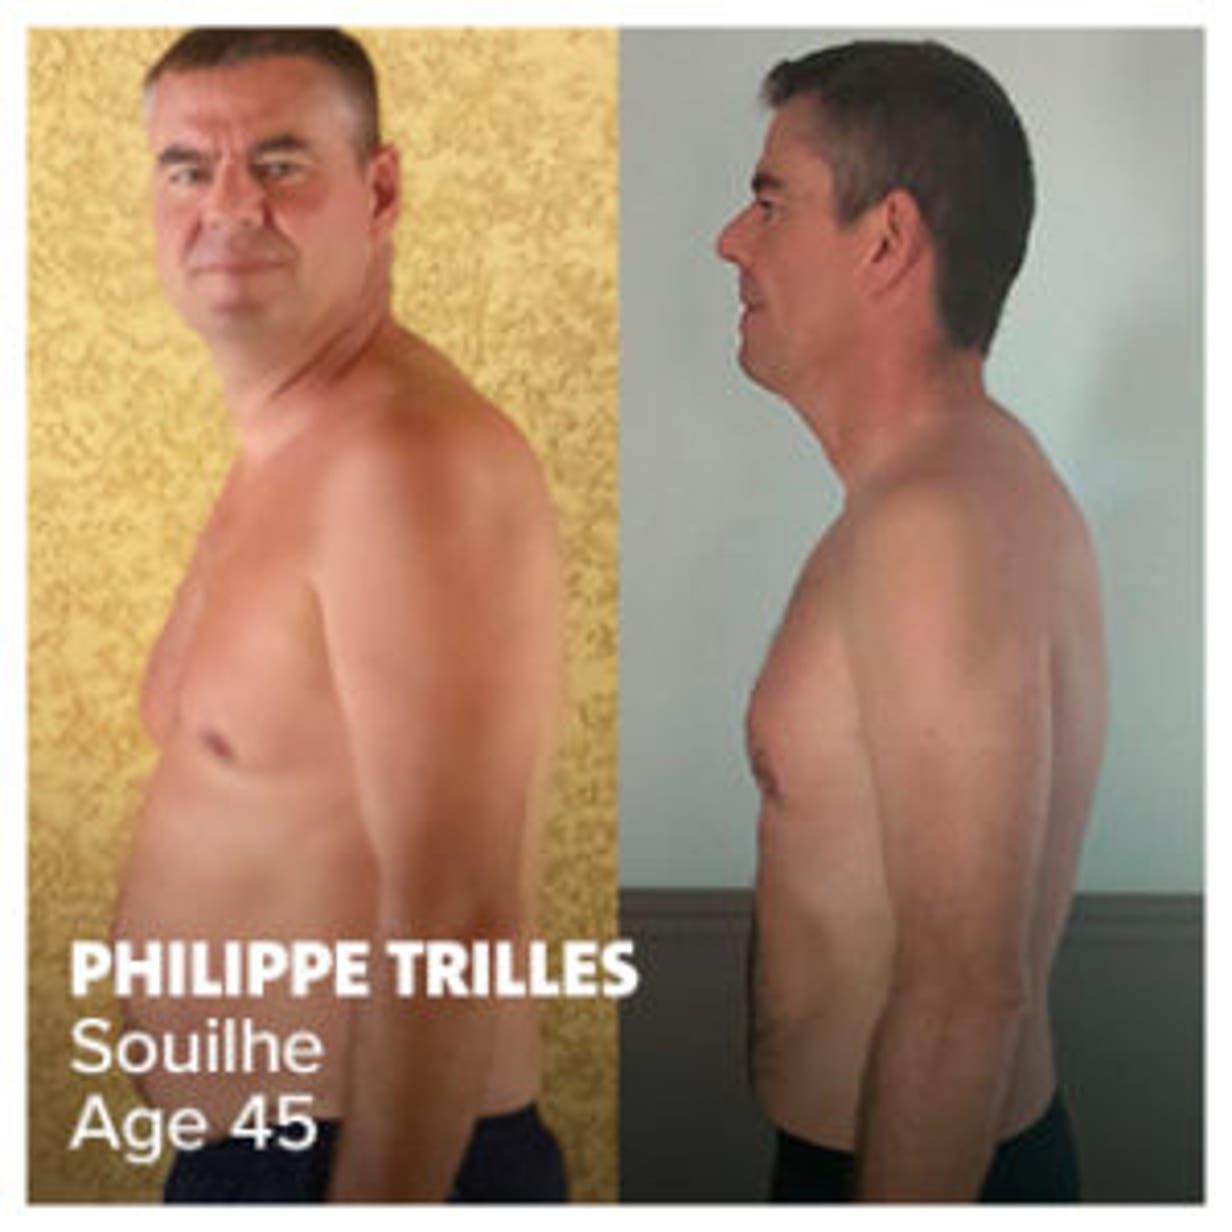 philippe-trilles_grid